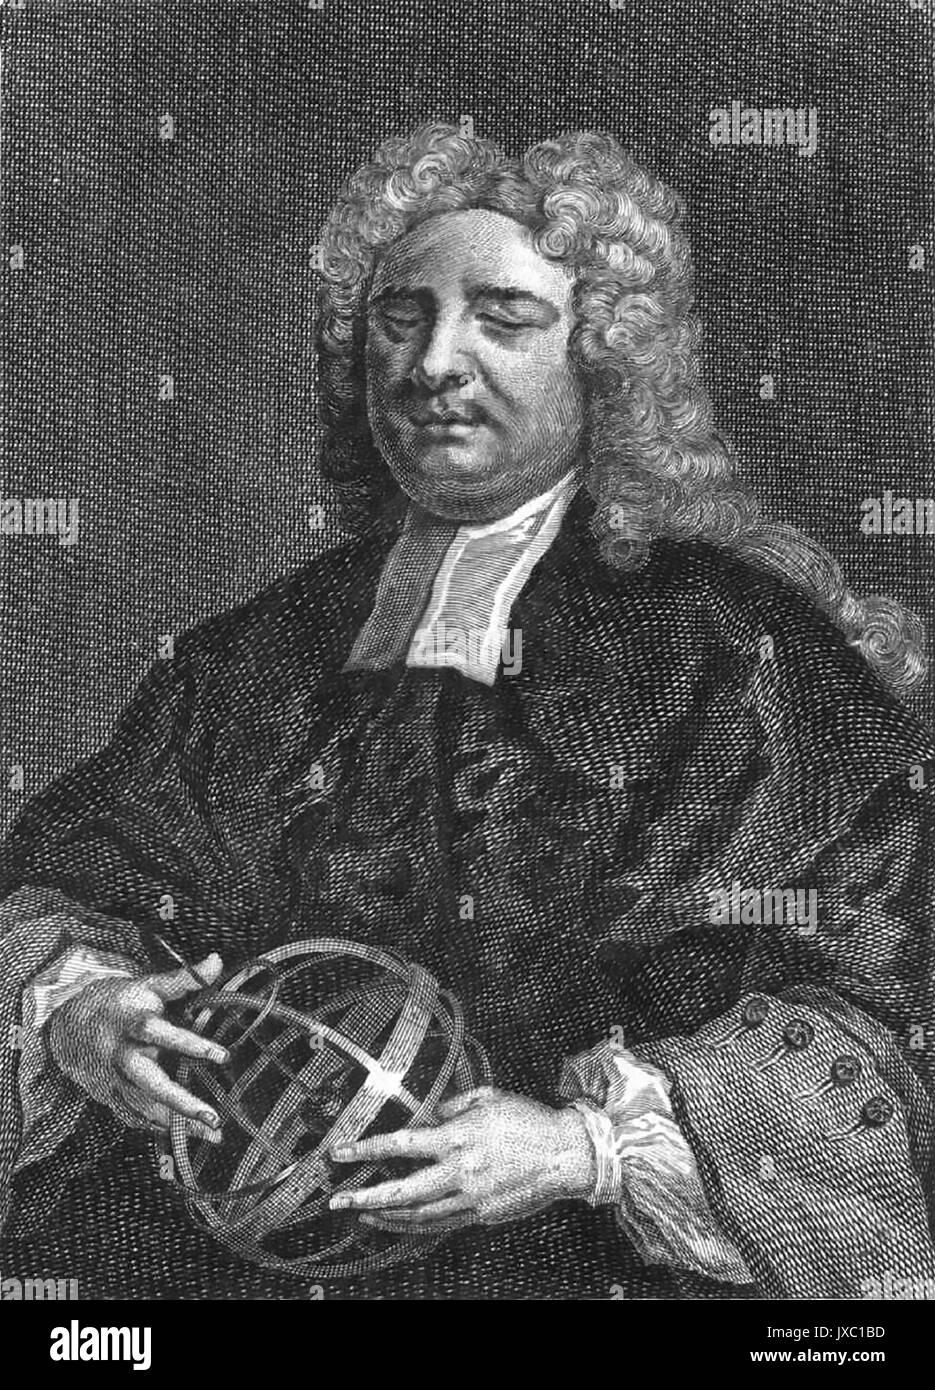 NICHOLAS SAUNDERSON (1682-1739) Blinder Englische Wissenschaftler und Mathematiker Stockbild